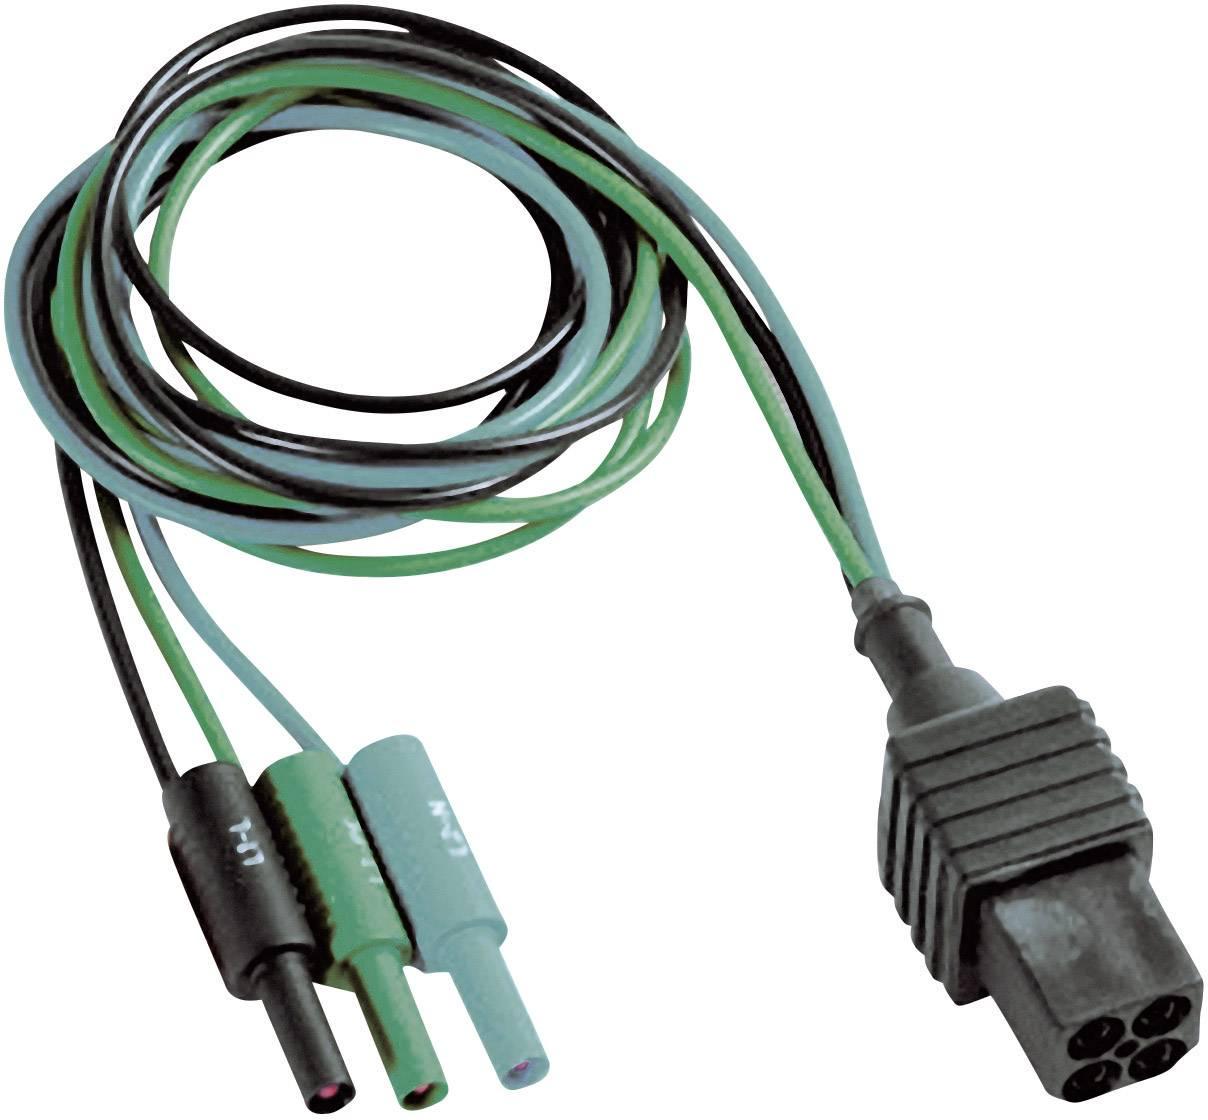 Univerzálny skúšobný kábel A 1011 Metrel 20991557 vhodný pre testery radu MI 3100